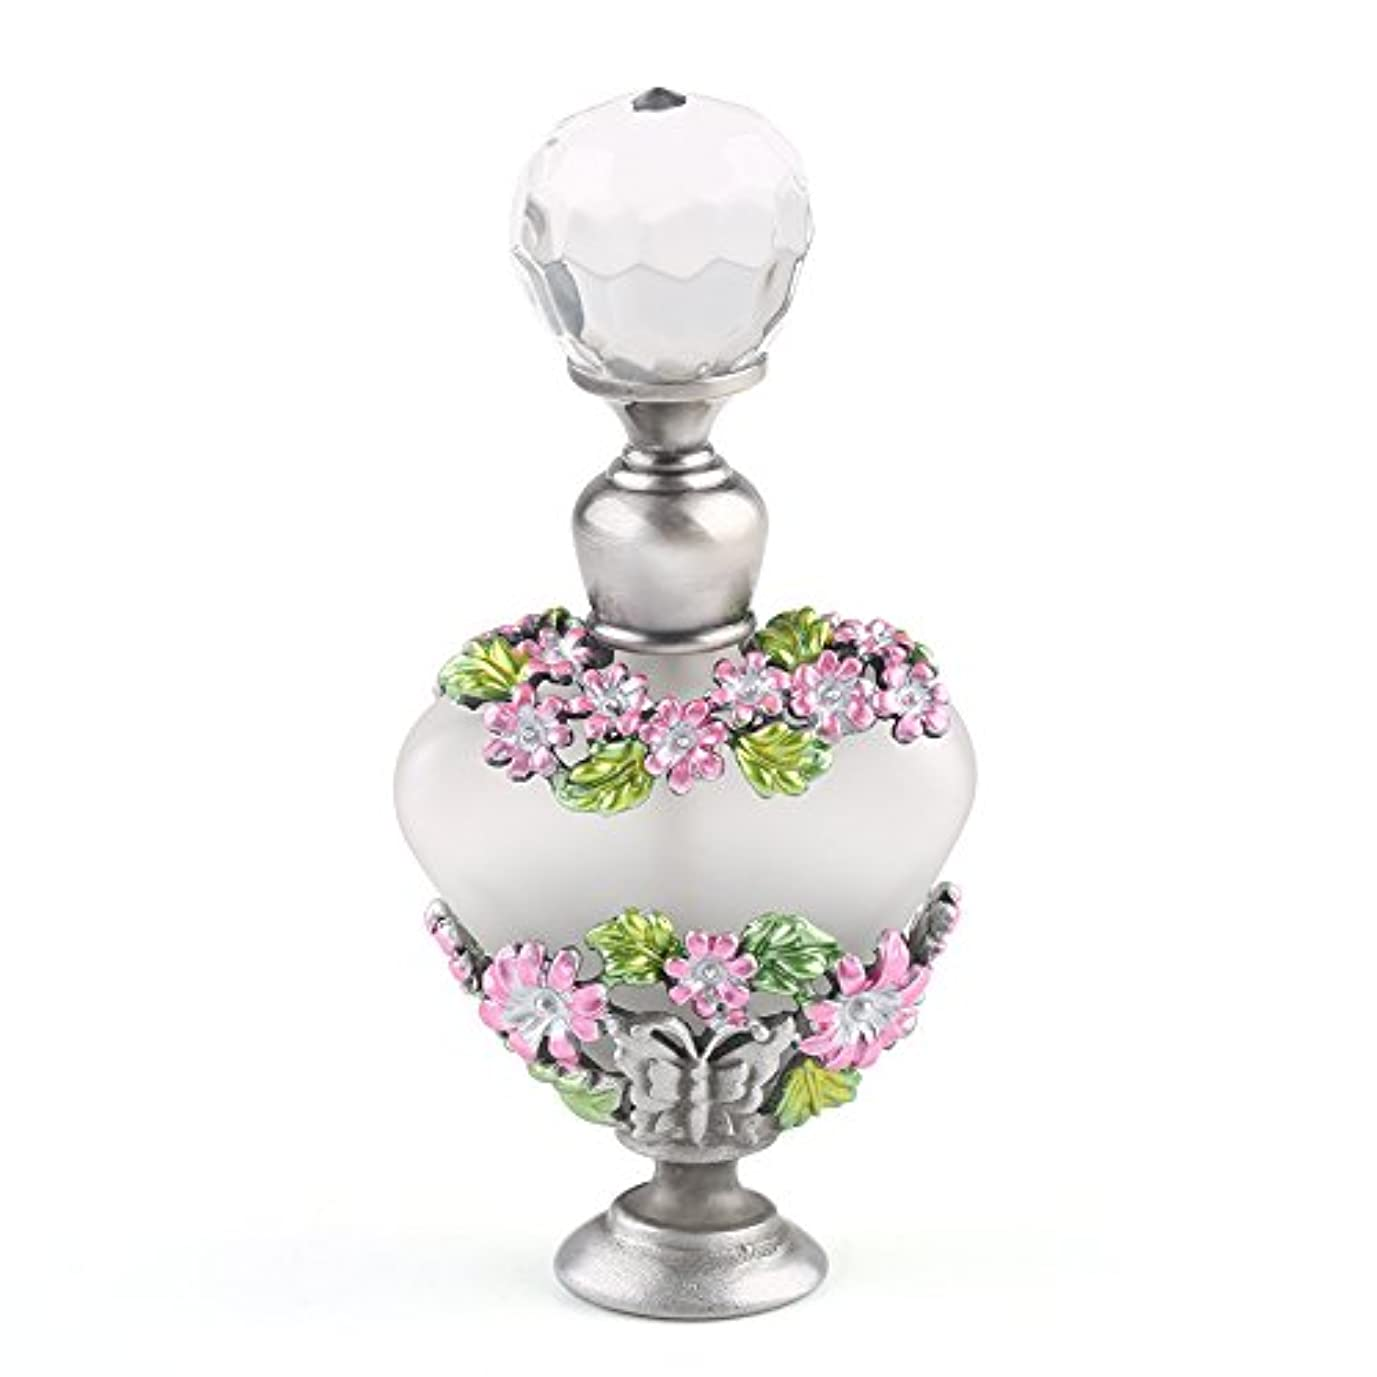 魅力スパイラル内訳VERY100 高品質 美しい香水瓶/アロマボトル 5ML アロマオイル用瓶 綺麗アンティーク調 フラワーデザイン プレゼント 結婚式 飾り 58778